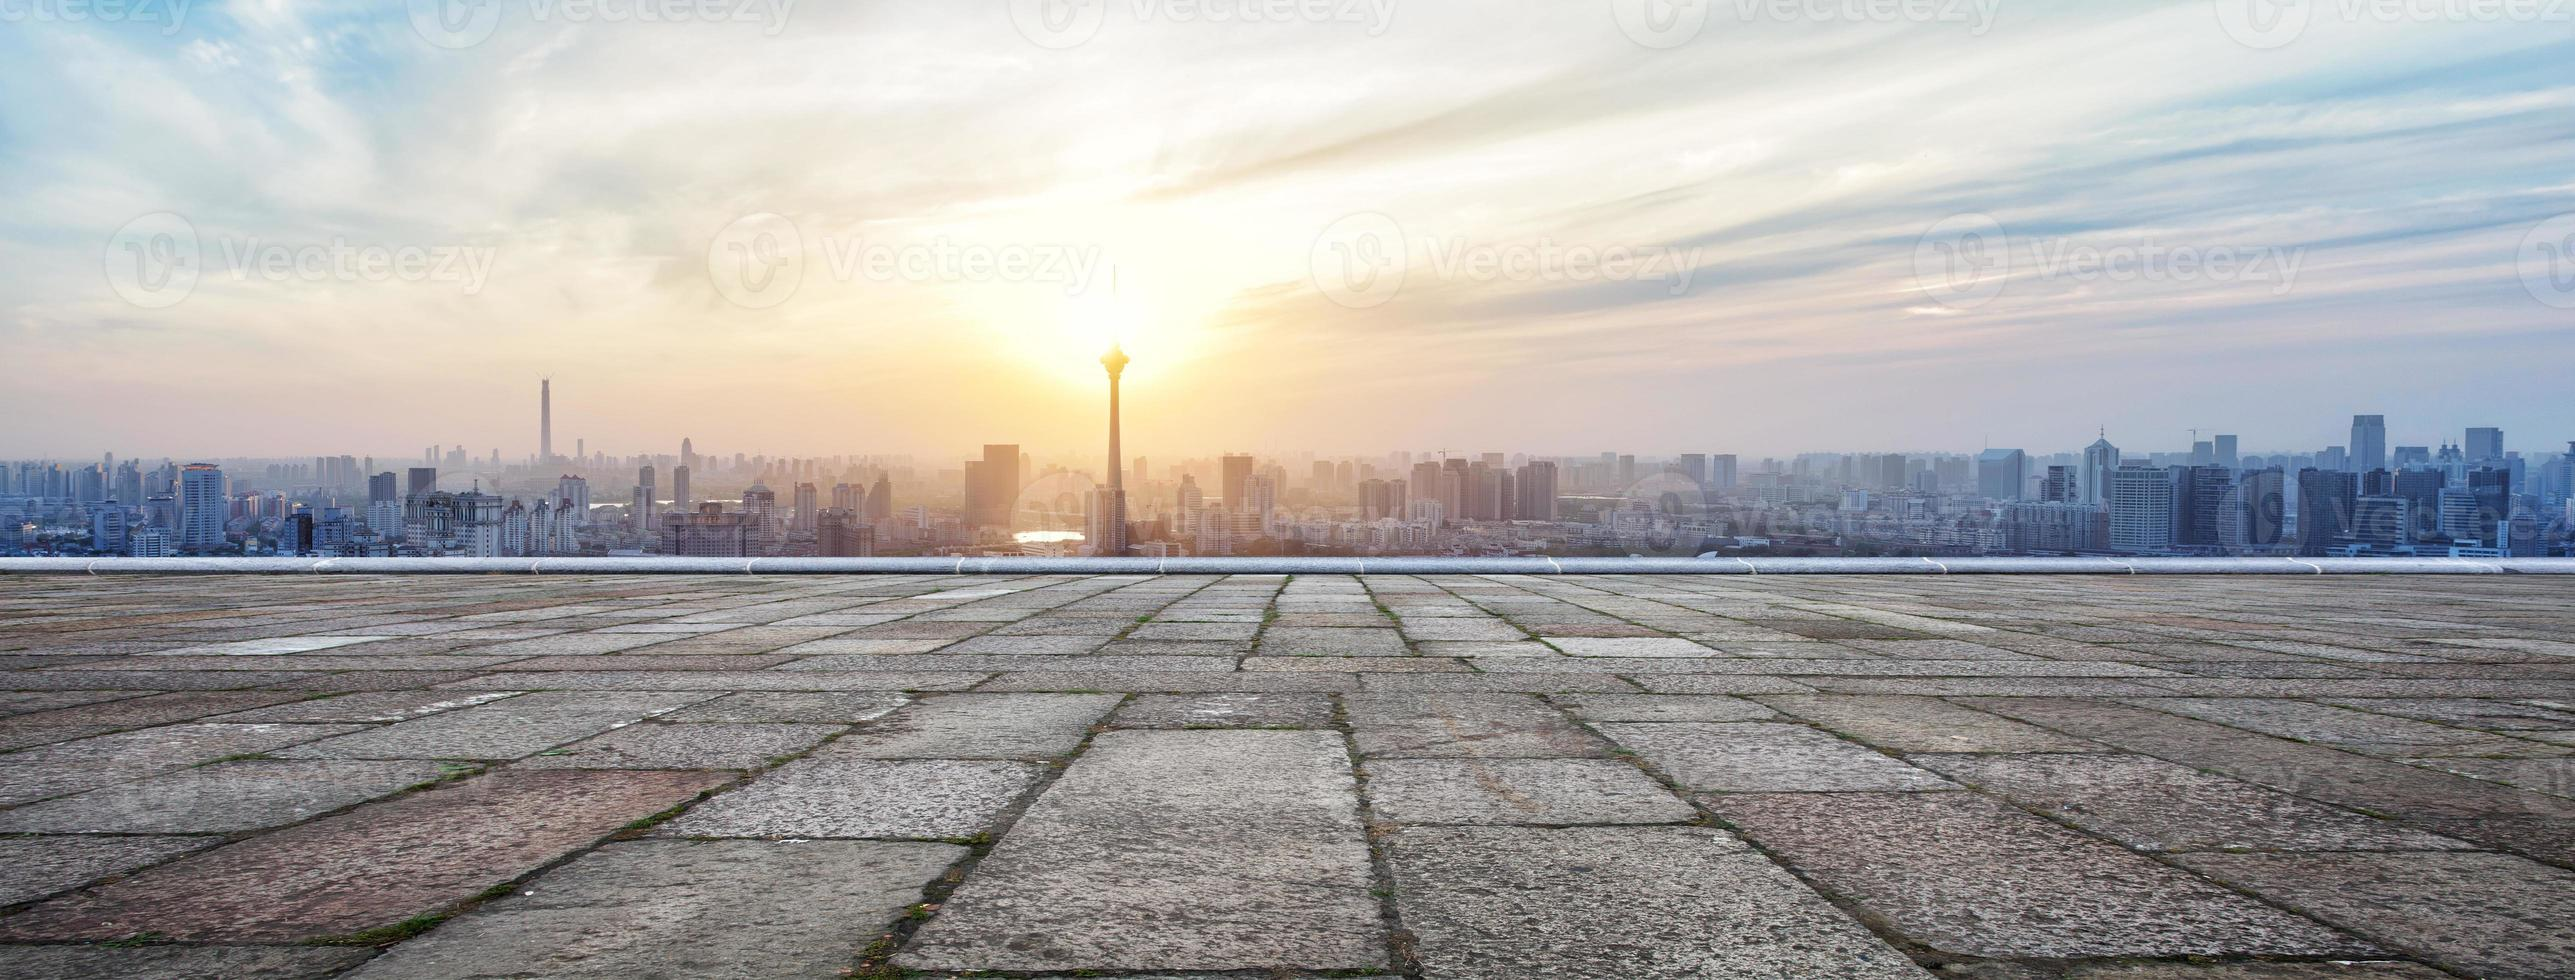 Panorama-Skyline und Gebäude mit leerem Backsteinquadrat foto